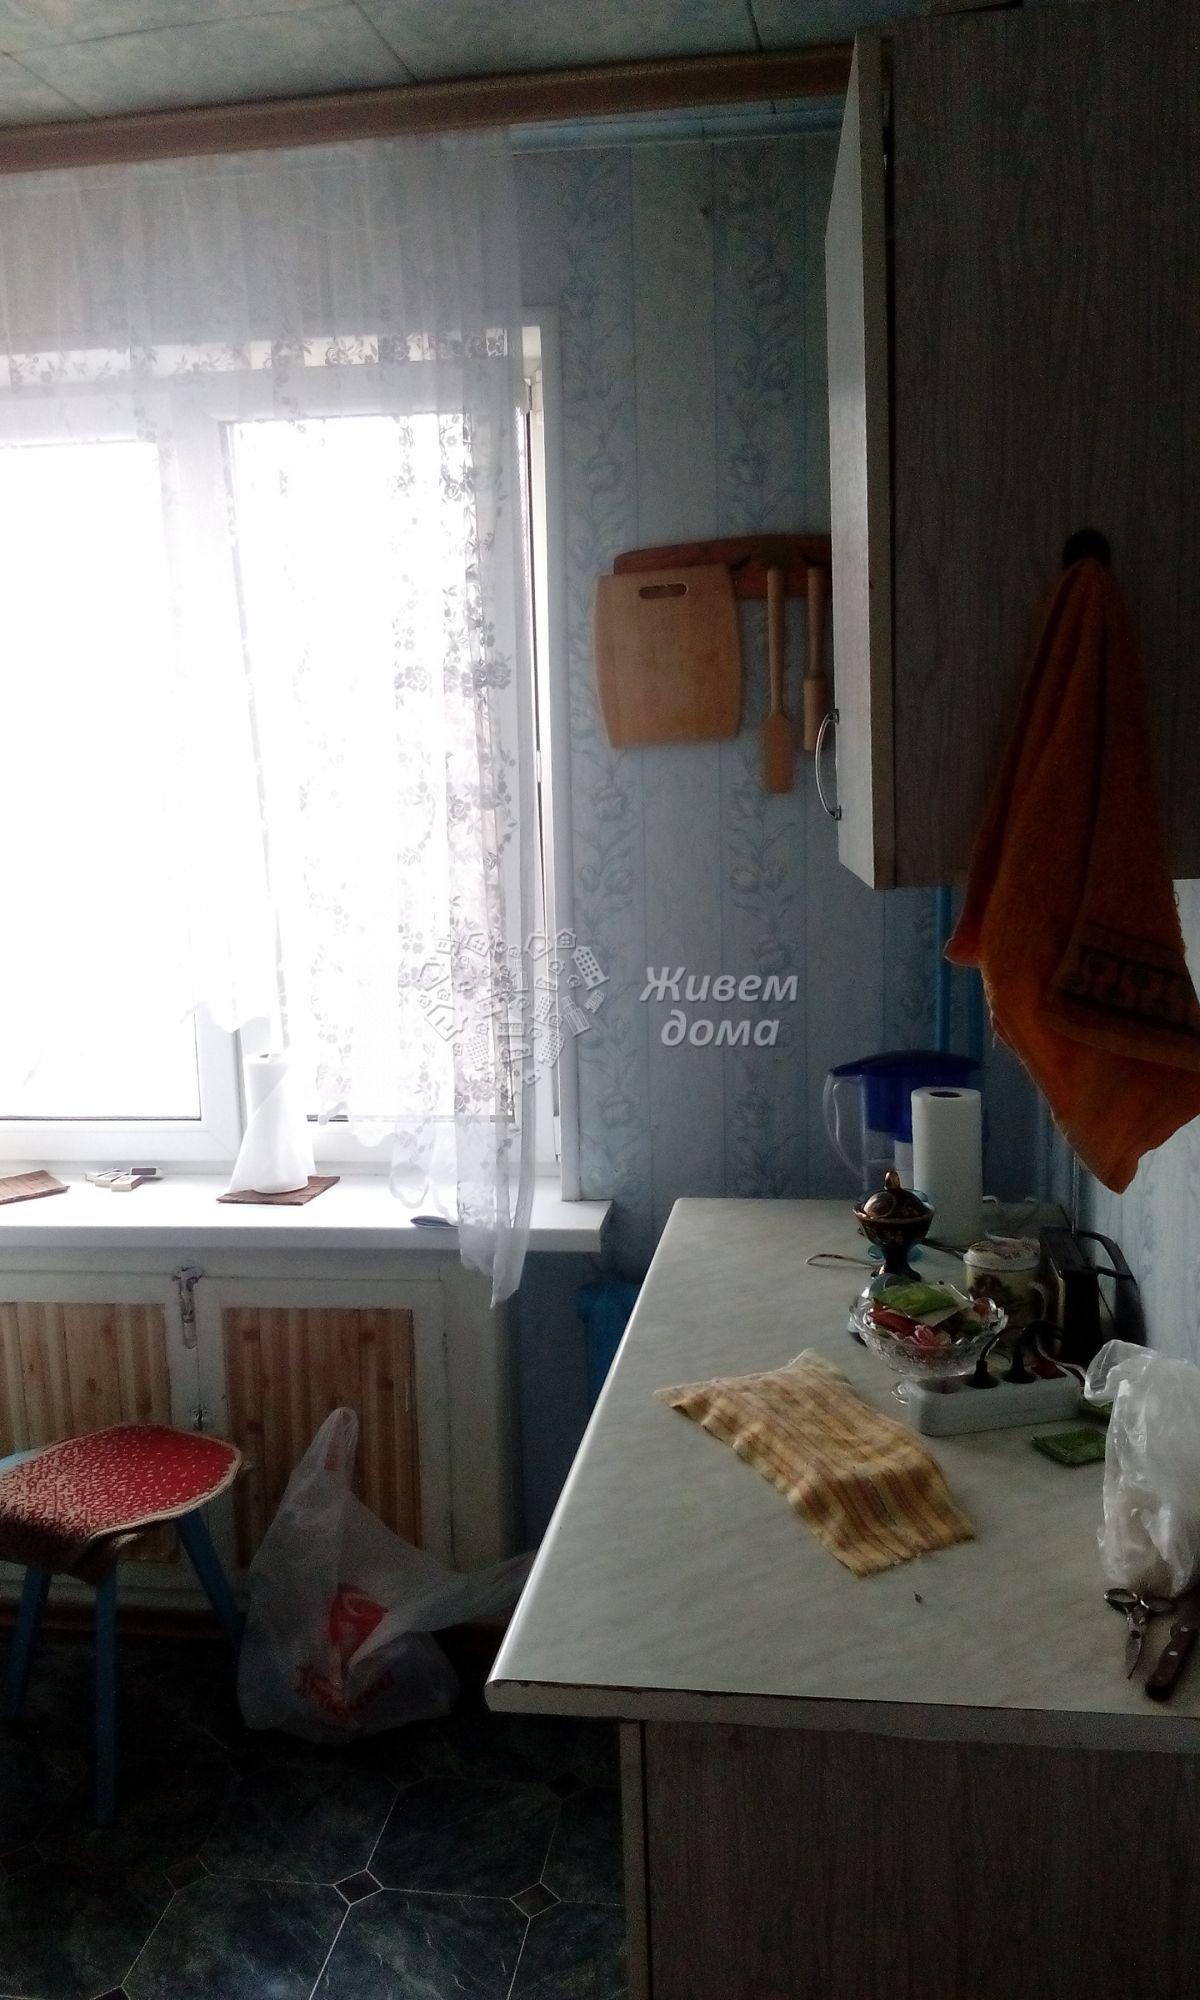 3-комн. , Волгоградская область, Волжский, Старый город, Ленина пр-кт, 239